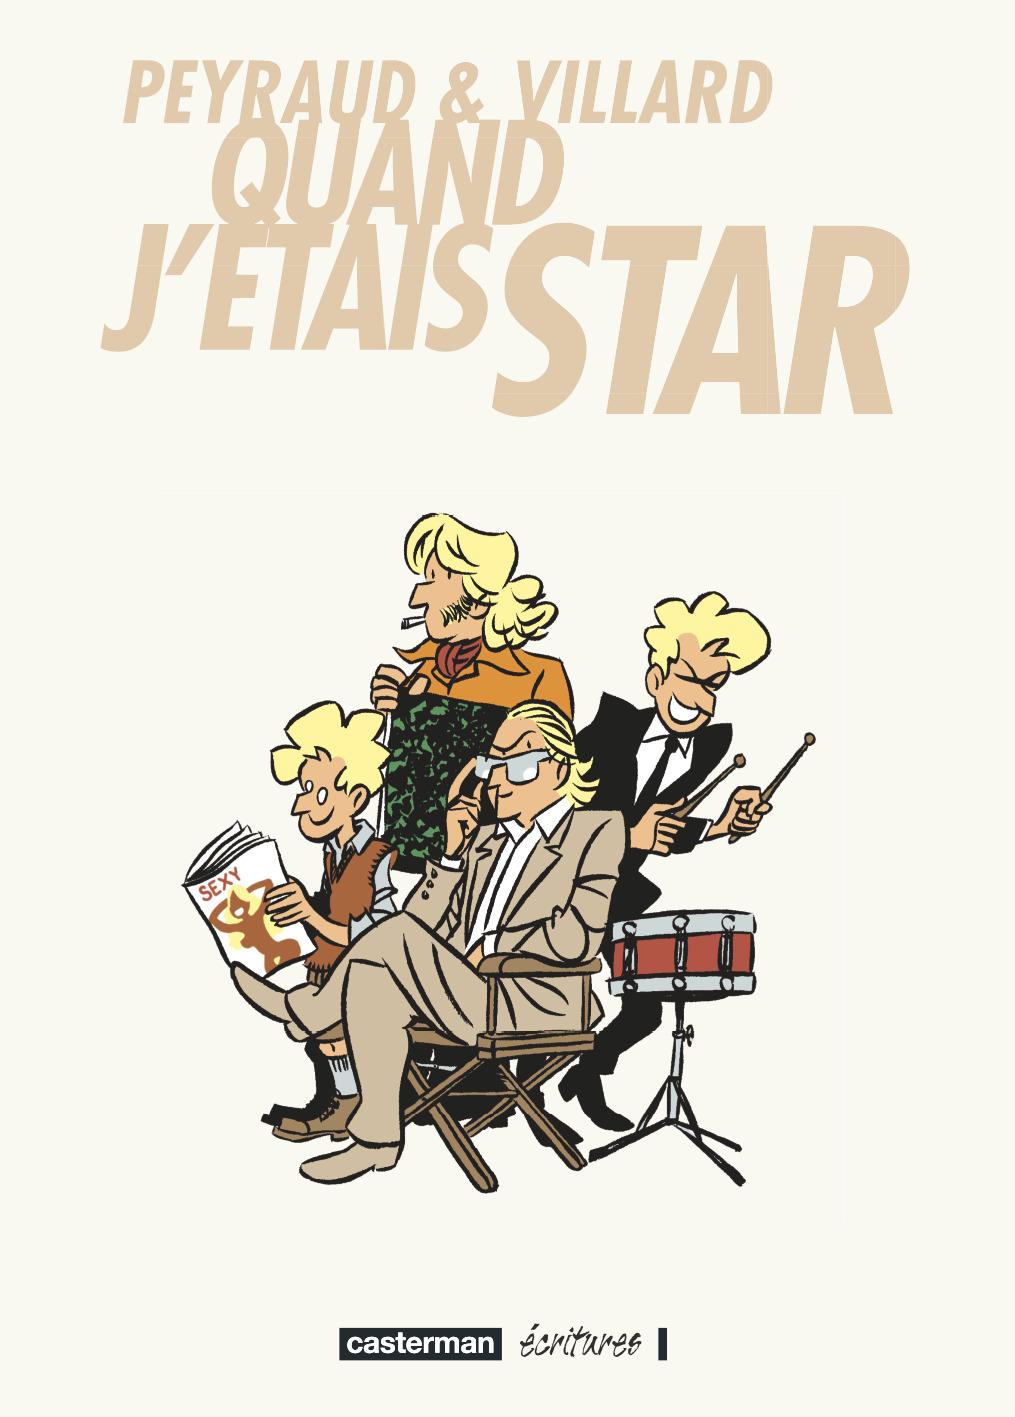 QUAND J'ETAIS STAR